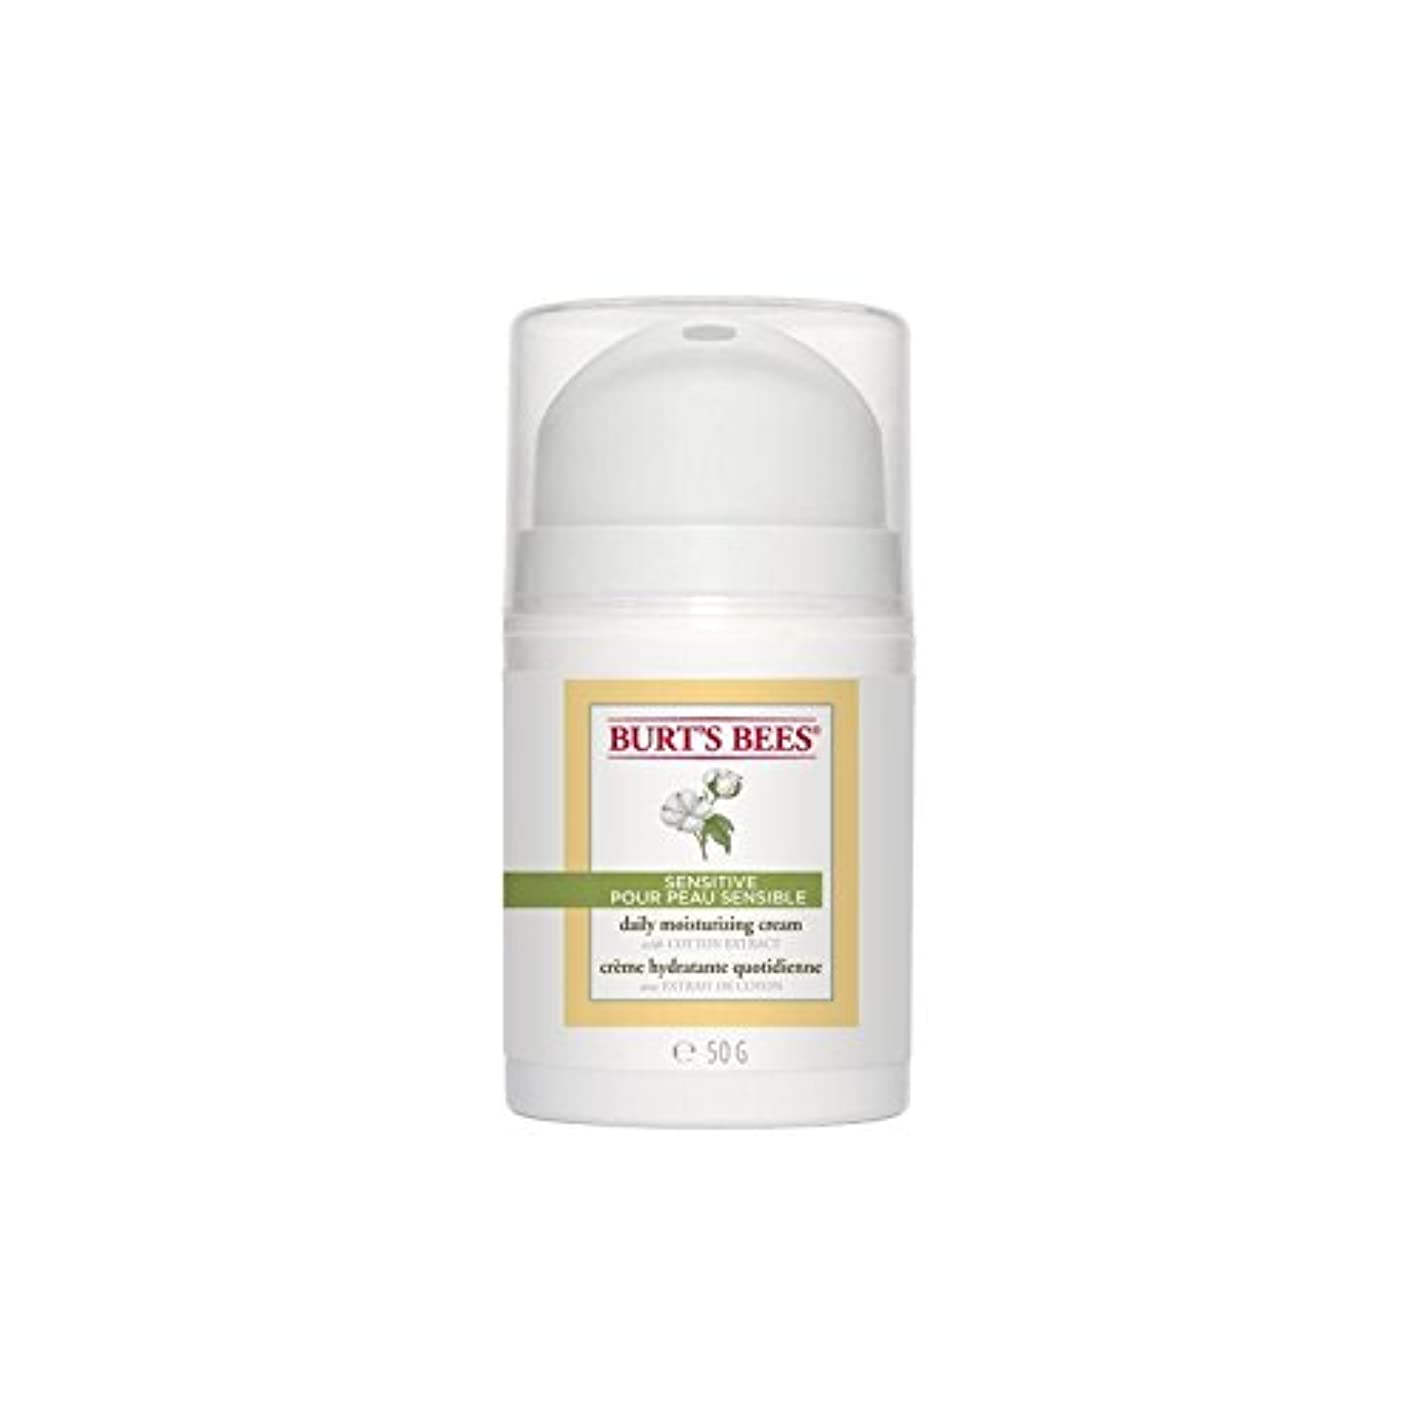 エージェント暖かく装置バーツビー敏感毎日保湿クリーム50グラム x4 - Burt's Bees Sensitive Daily Moisturising Cream 50G (Pack of 4) [並行輸入品]